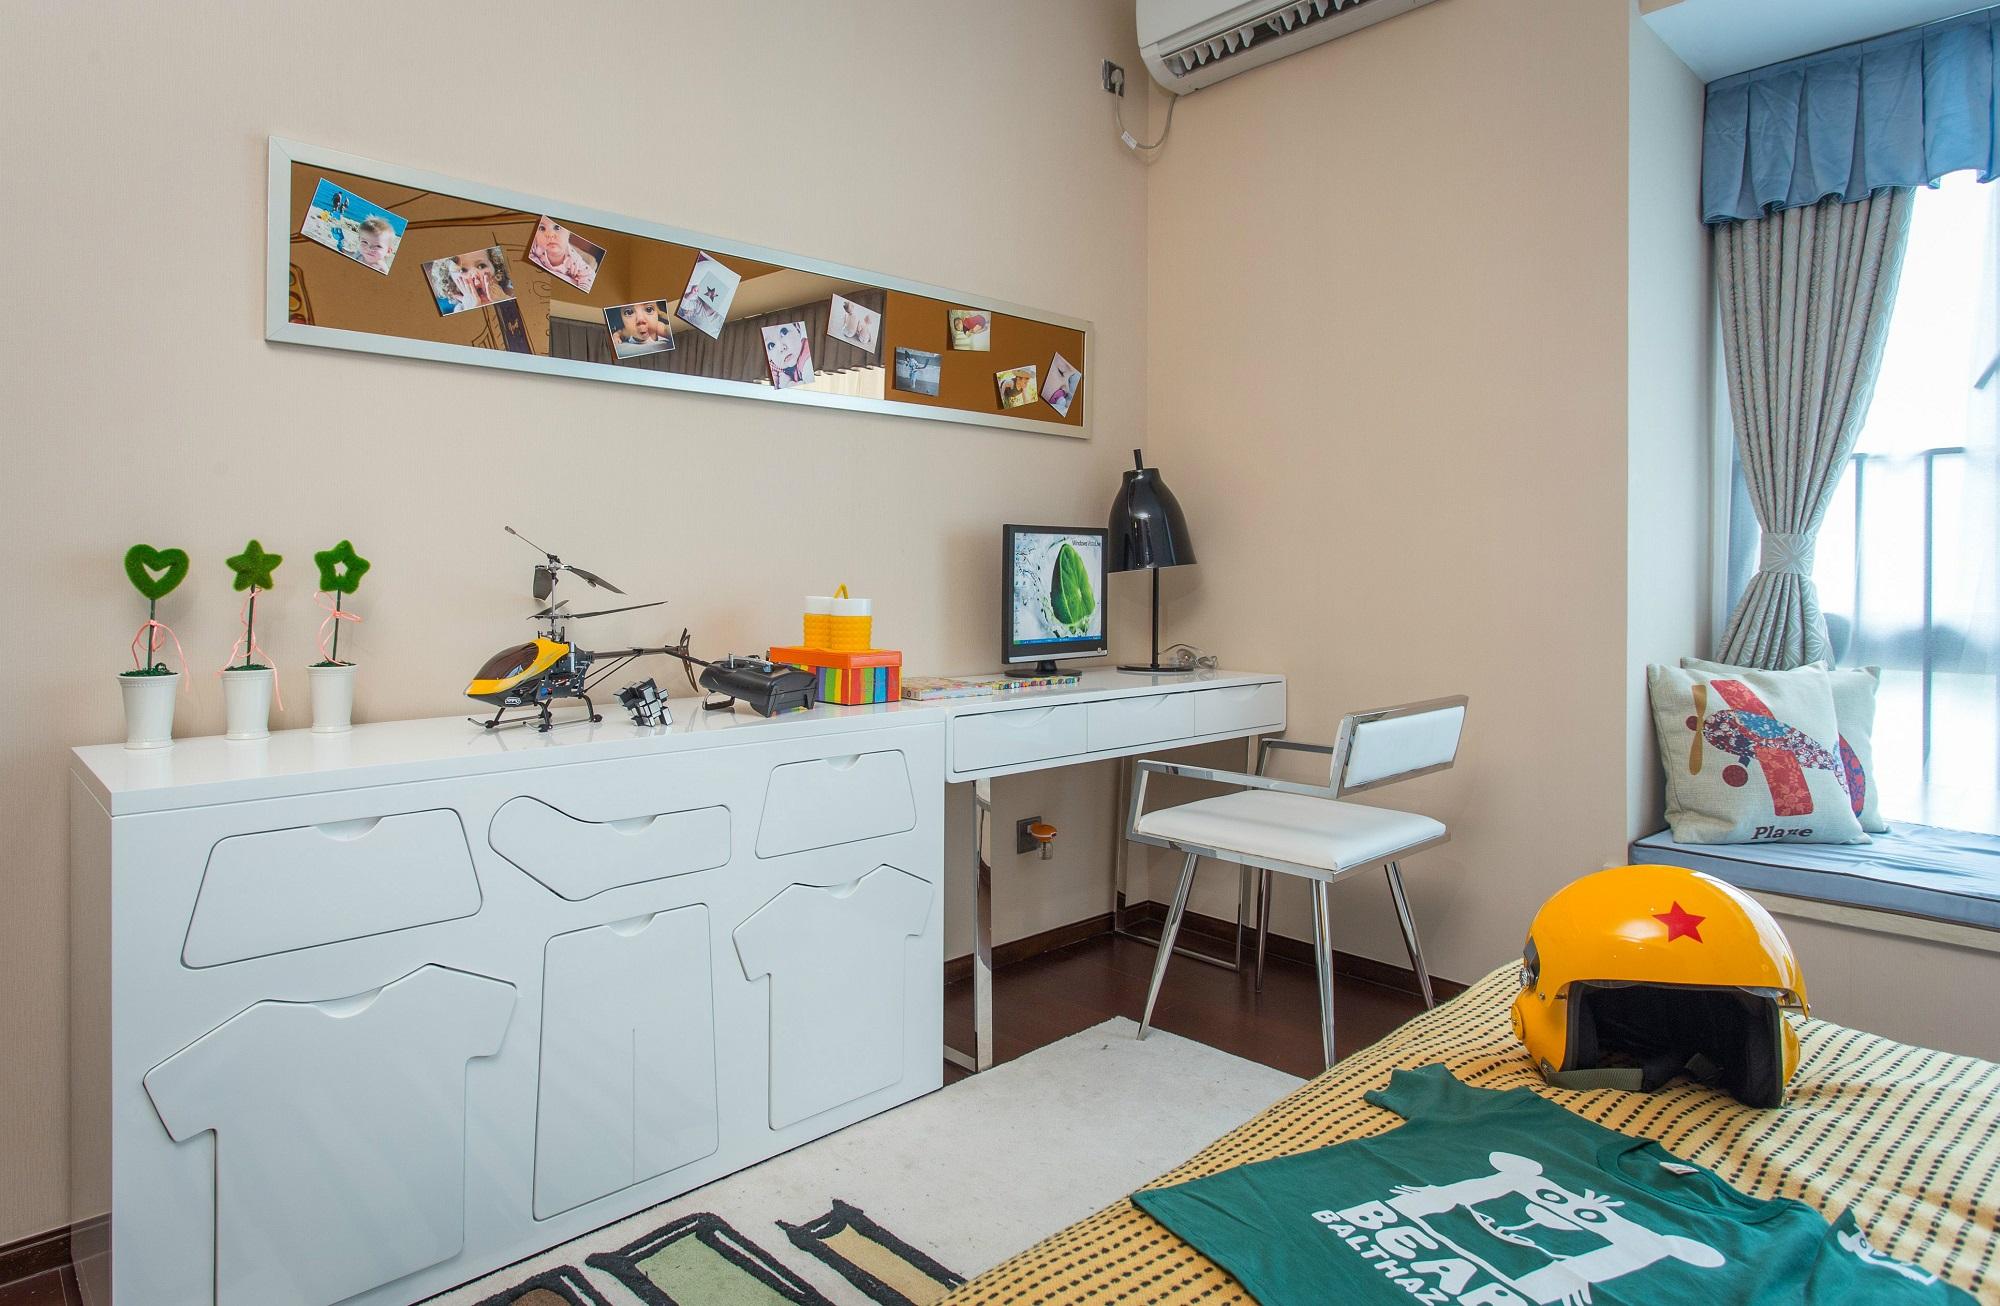 儿童房空间较大,整个空间休憩兼学习功能同时满足,照片墙更是成为一道风景。